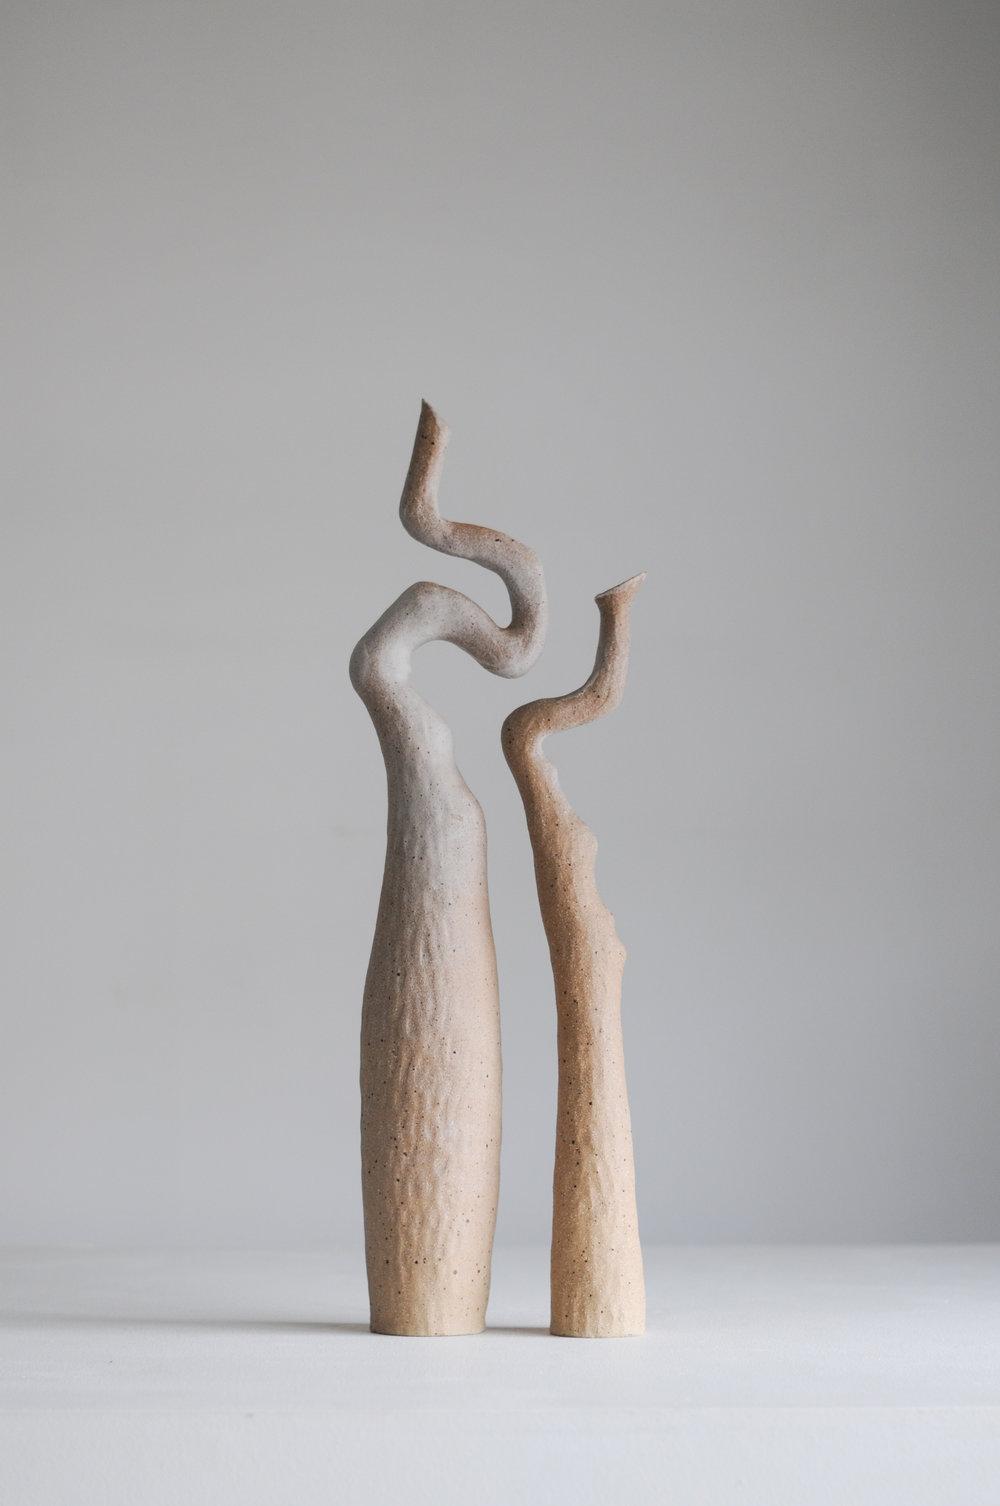 Asymmetry pair 2018